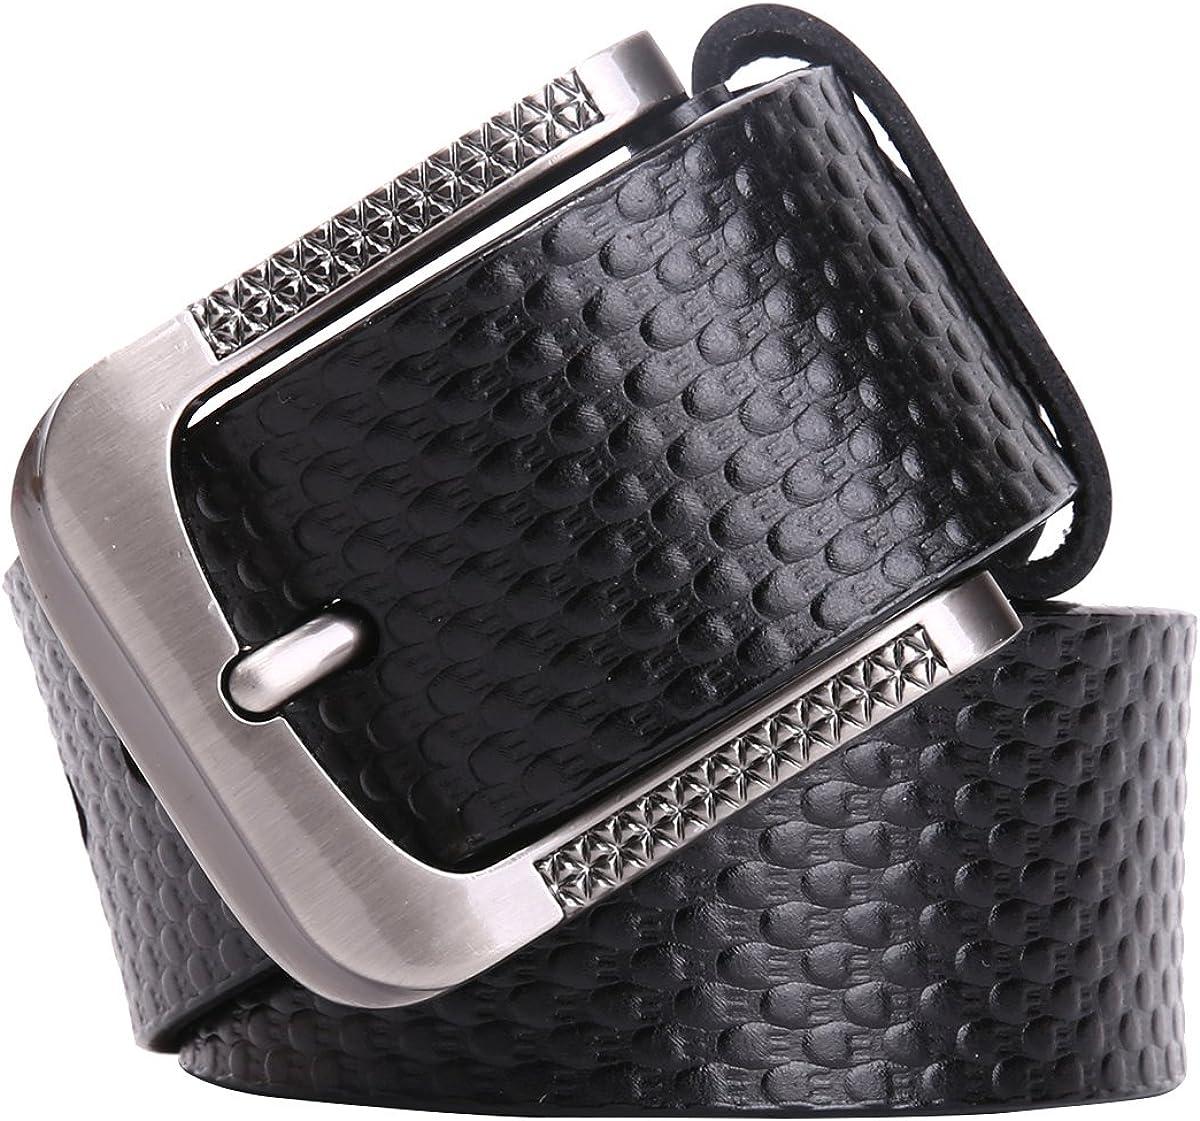 Taschland Cinturón Piel para Hombres/caballero con Hebilla Metal